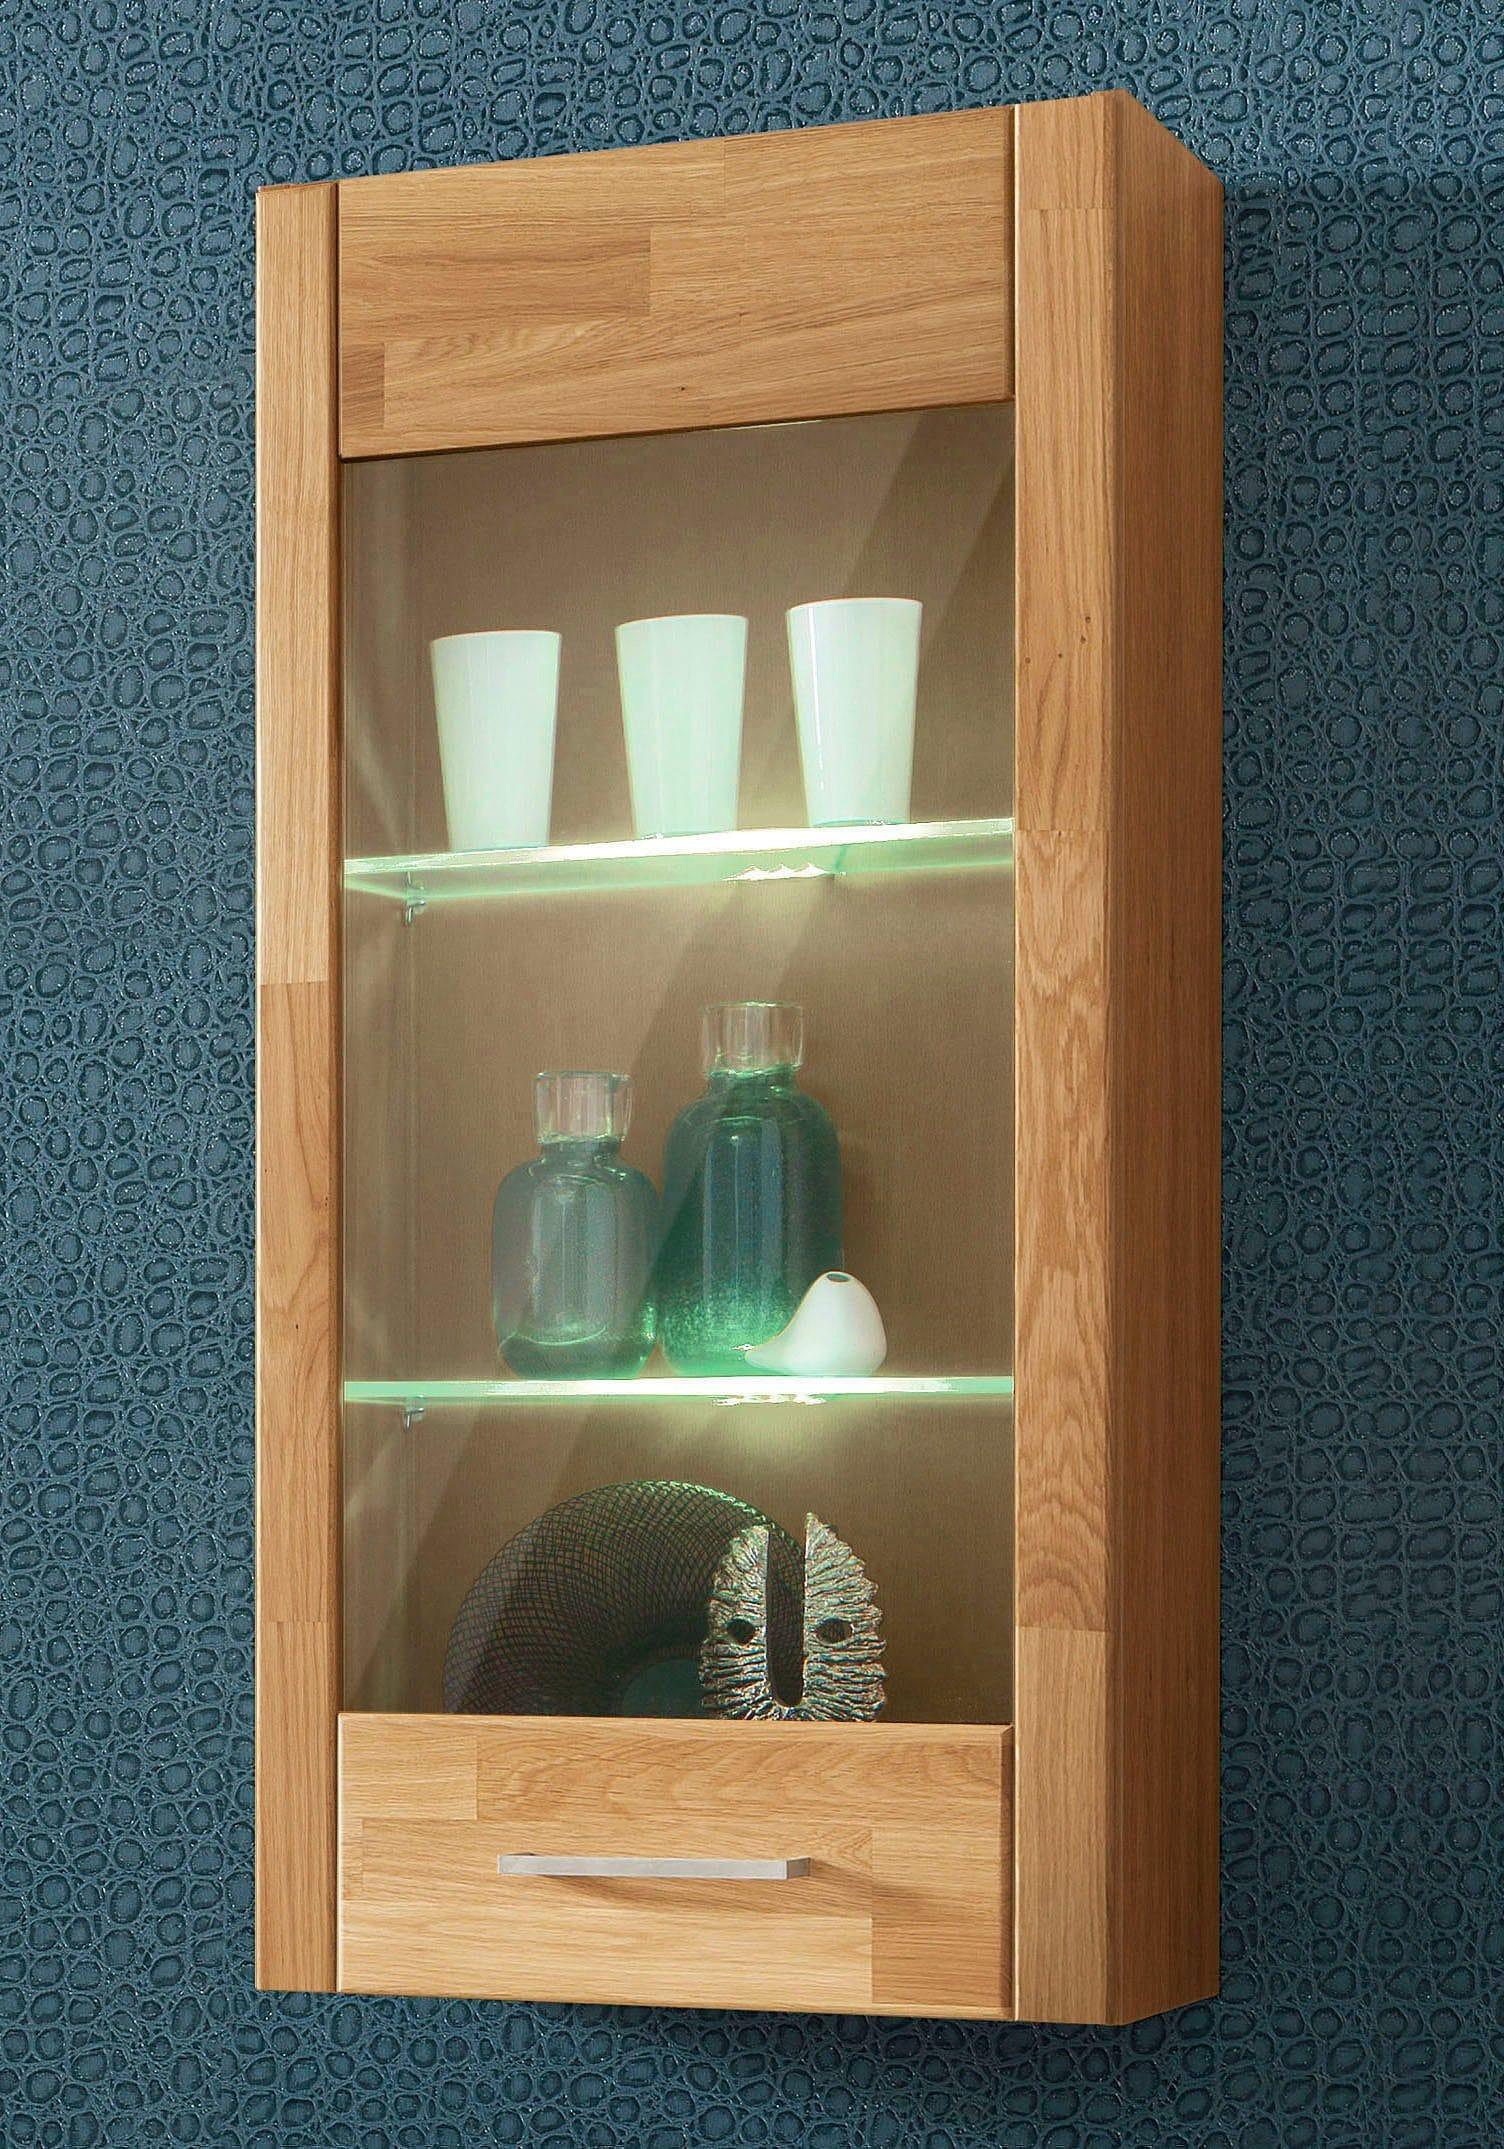 h ngevitrine t r mit glaseinsatz h he 105cm kaufen baur. Black Bedroom Furniture Sets. Home Design Ideas